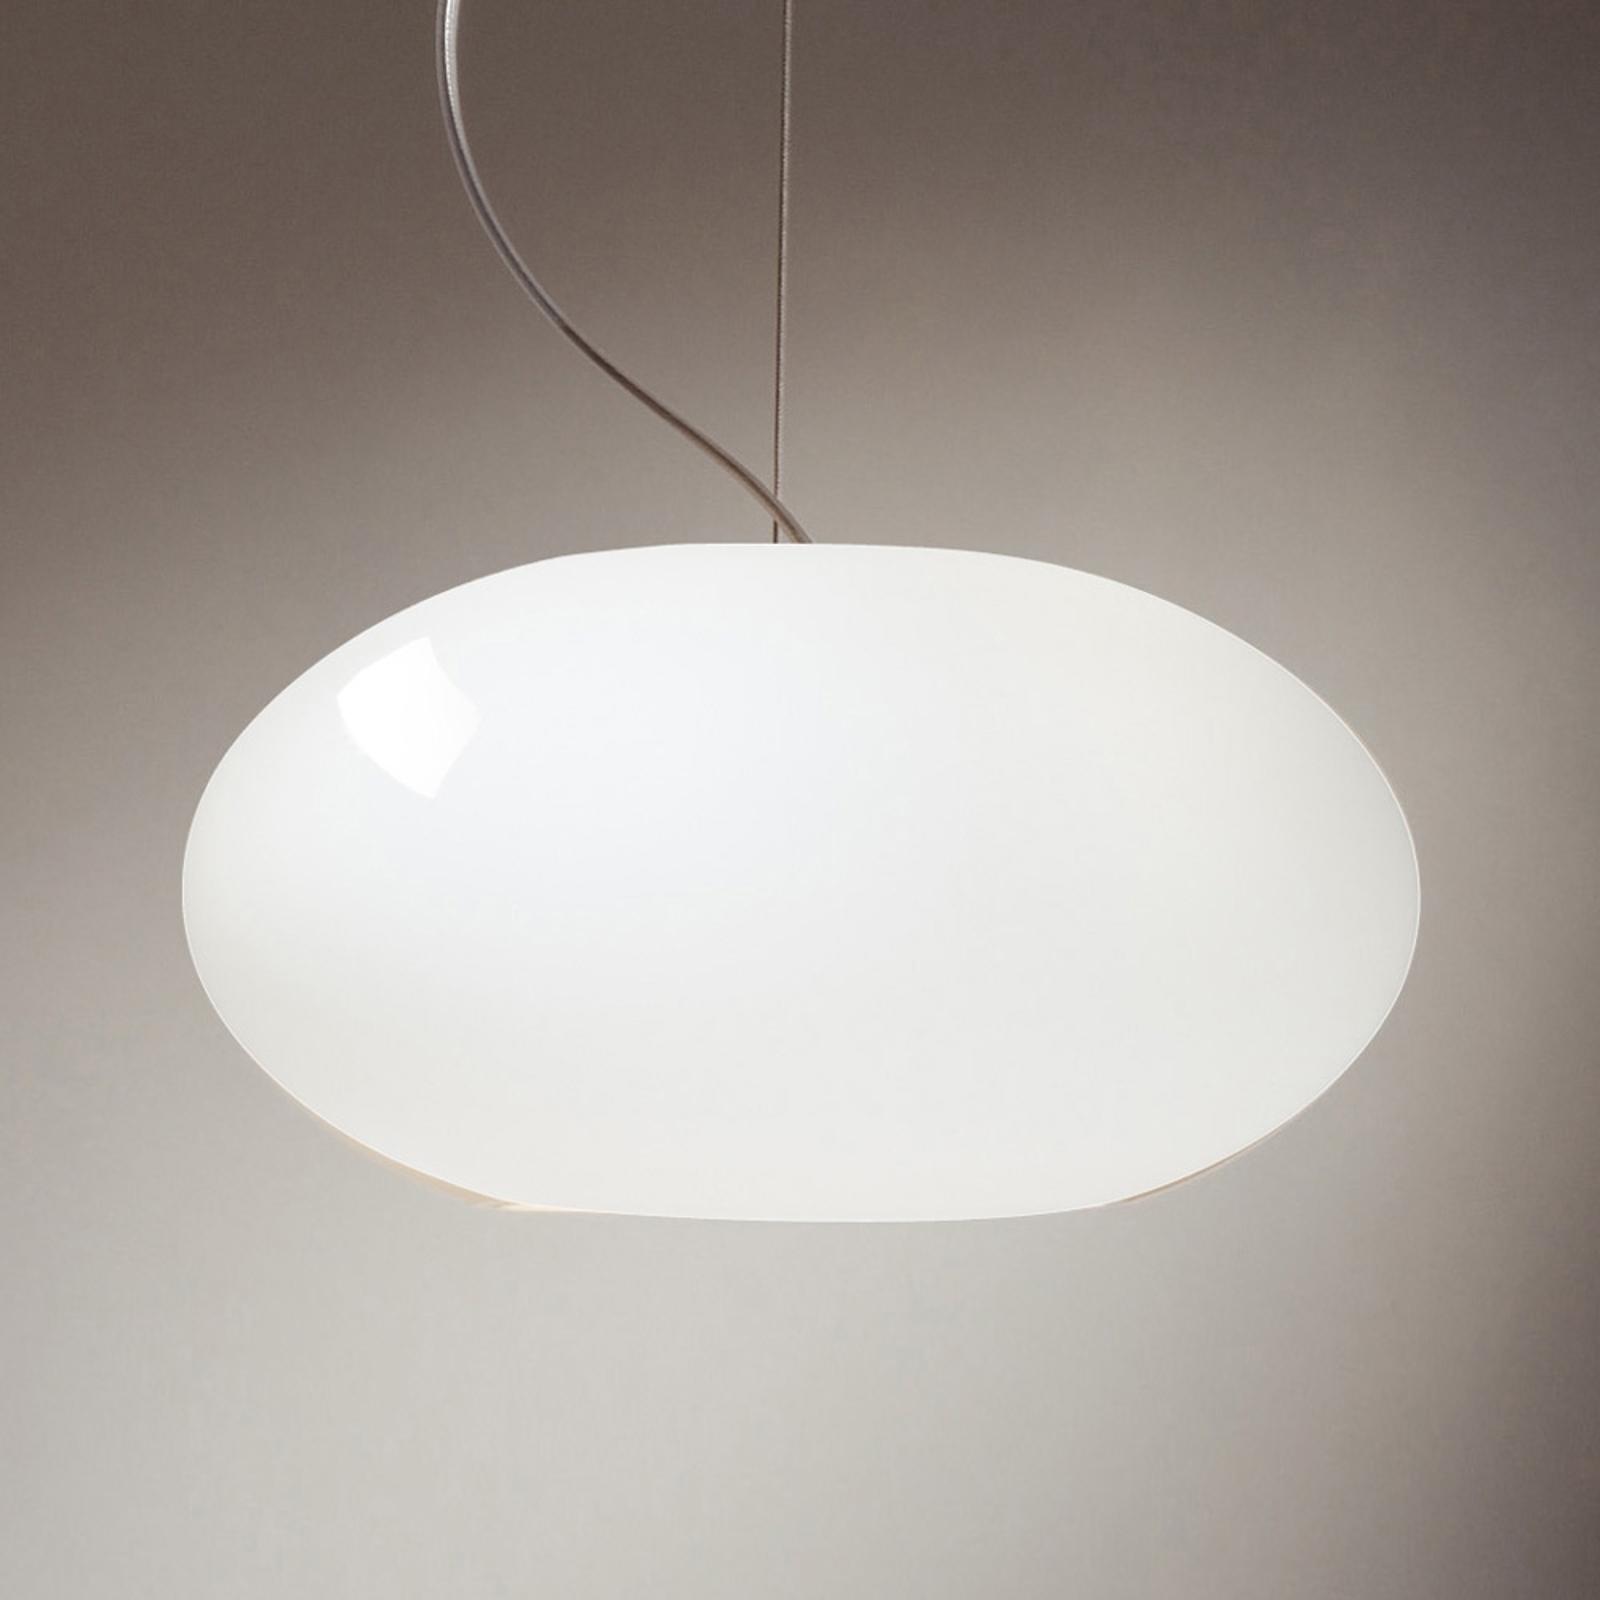 AIH - enkel hengelampe 28 cm hvit blank